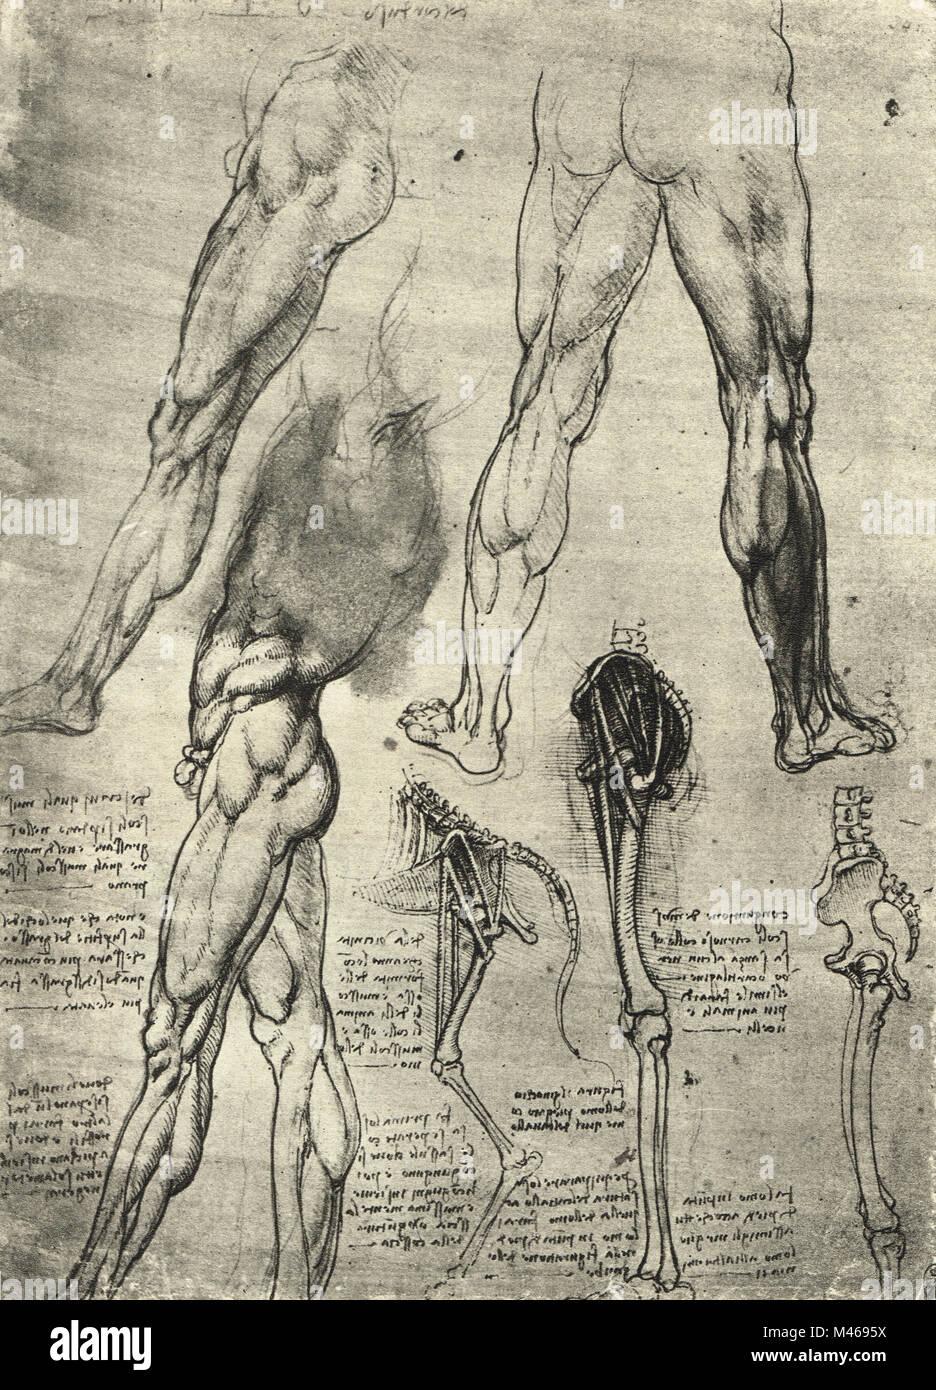 Berühmt Da Vinci Menschliche Anatomie Bilder - Menschliche Anatomie ...